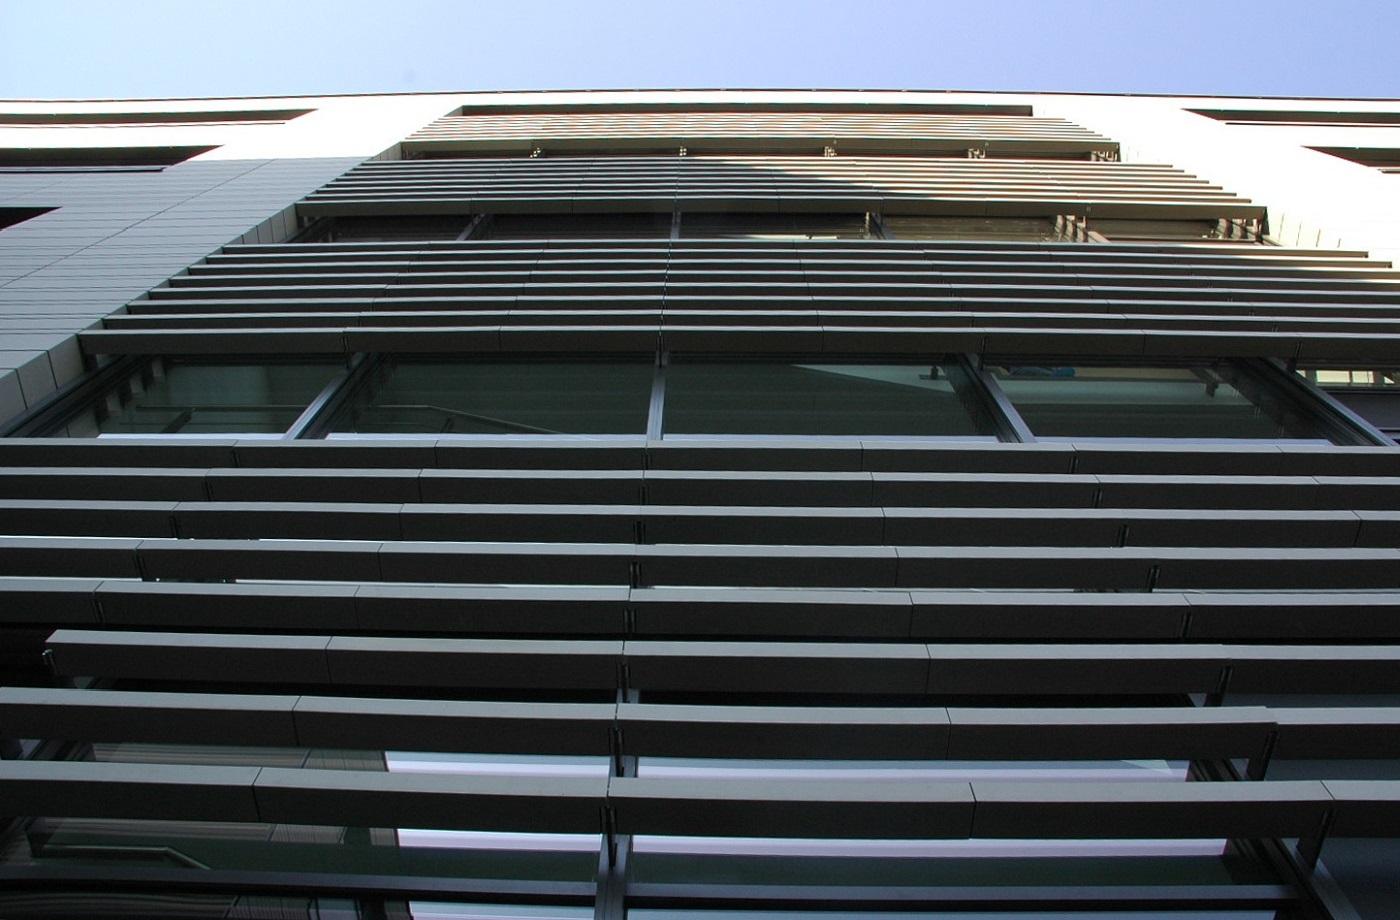 Full Size of Sichtschutz Für Fenster Garten Wpc Sichtschutzfolie Einseitig Durchsichtig Sichtschutzfolien Relaxsessel Aldi Im Wohnzimmer Sichtschutz Aldi